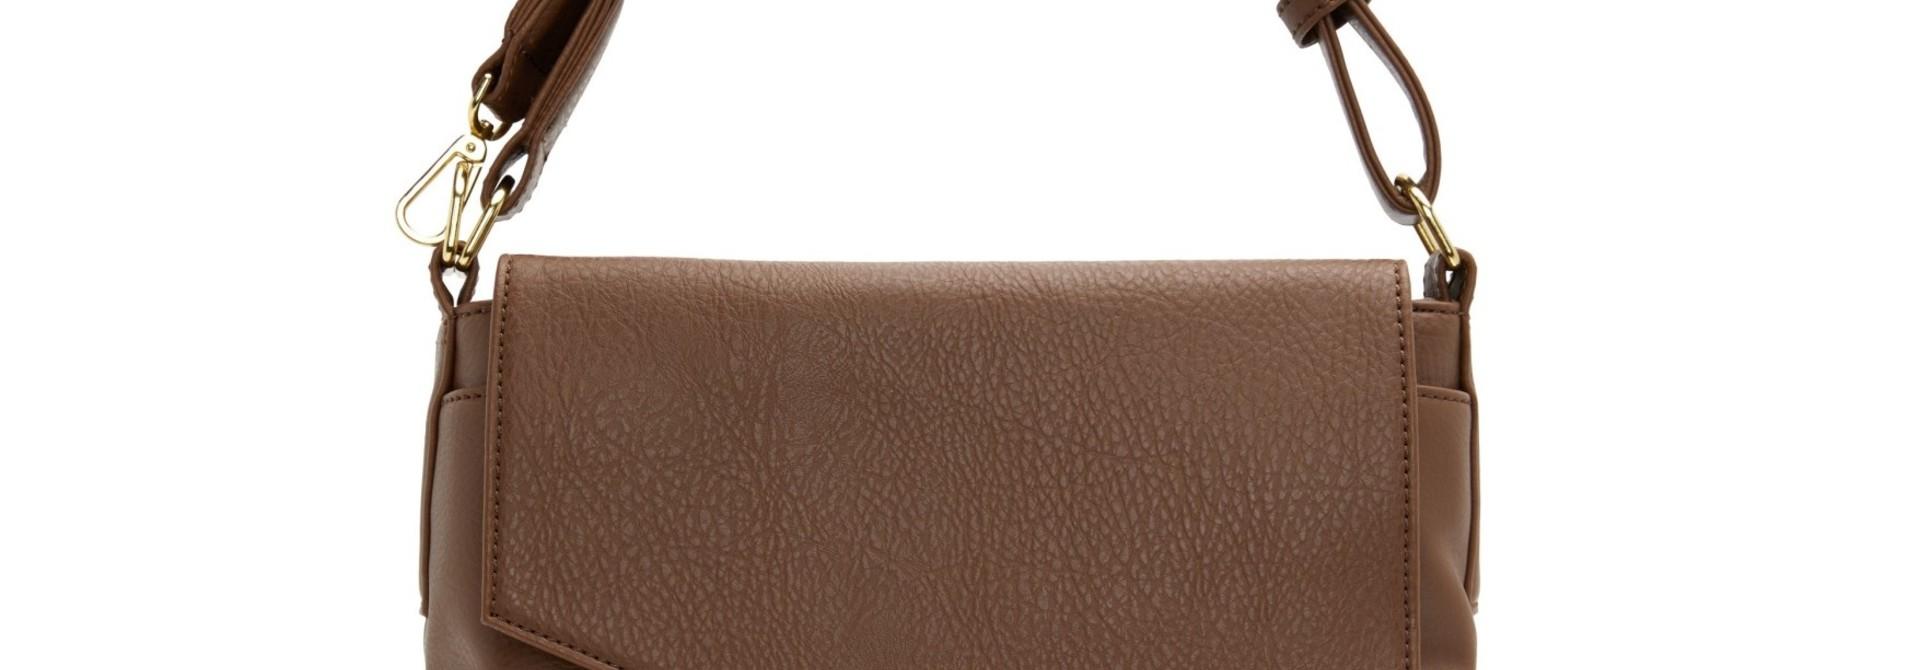 Monkland Dwell Handbag Brown